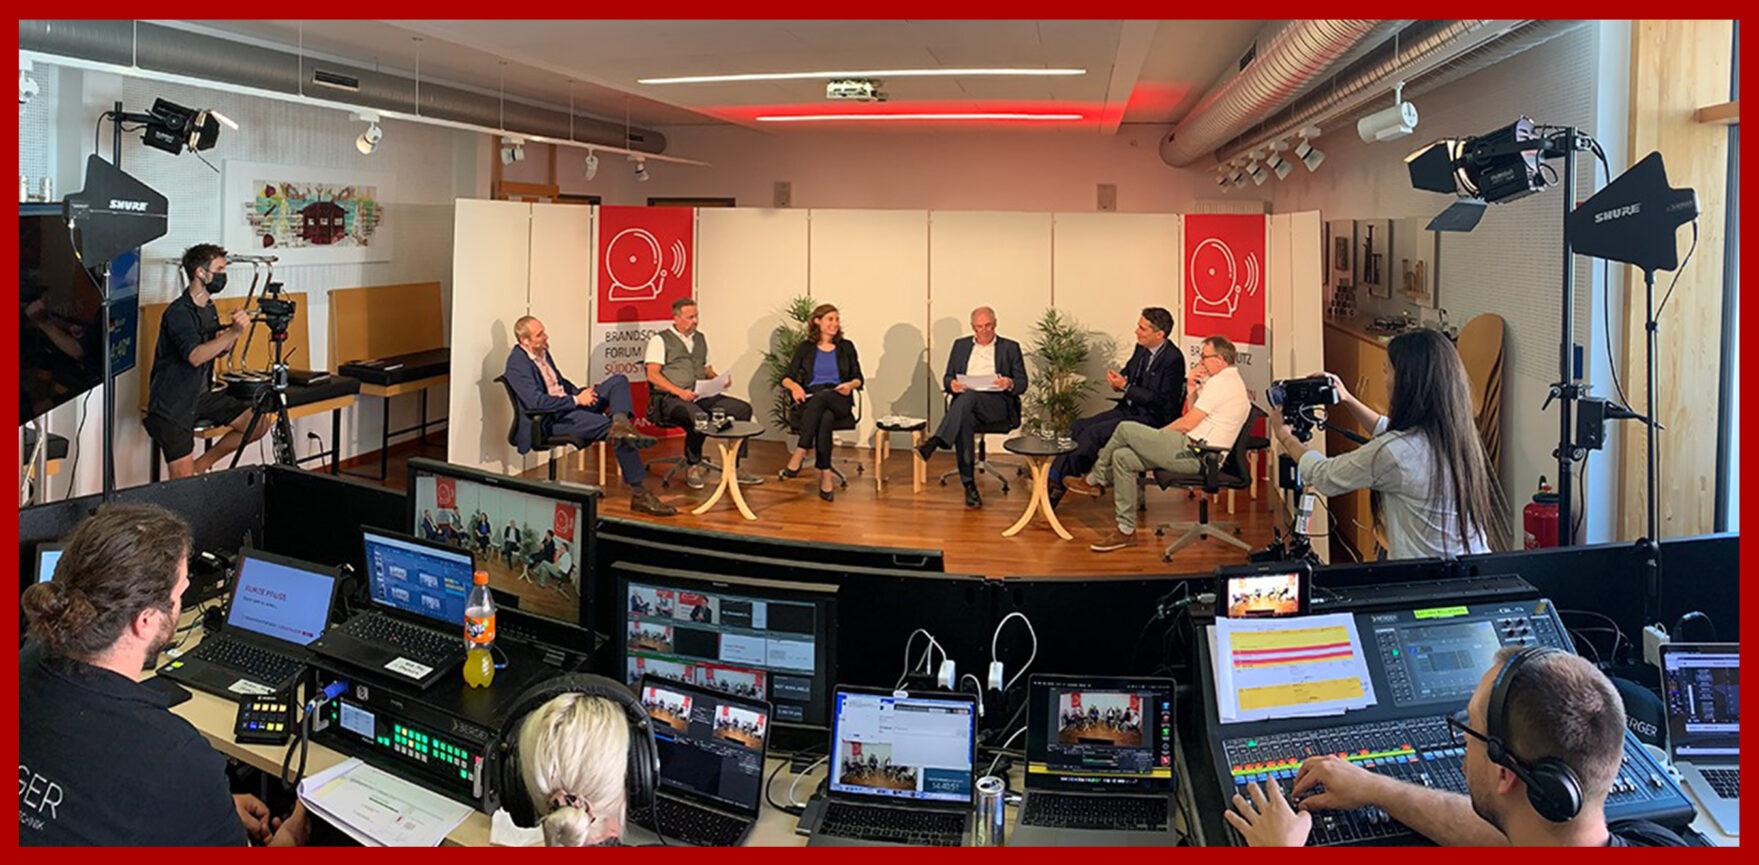 Coplan AG Live-Stream Digitales Brandschutzforum Suedostbayern Regie